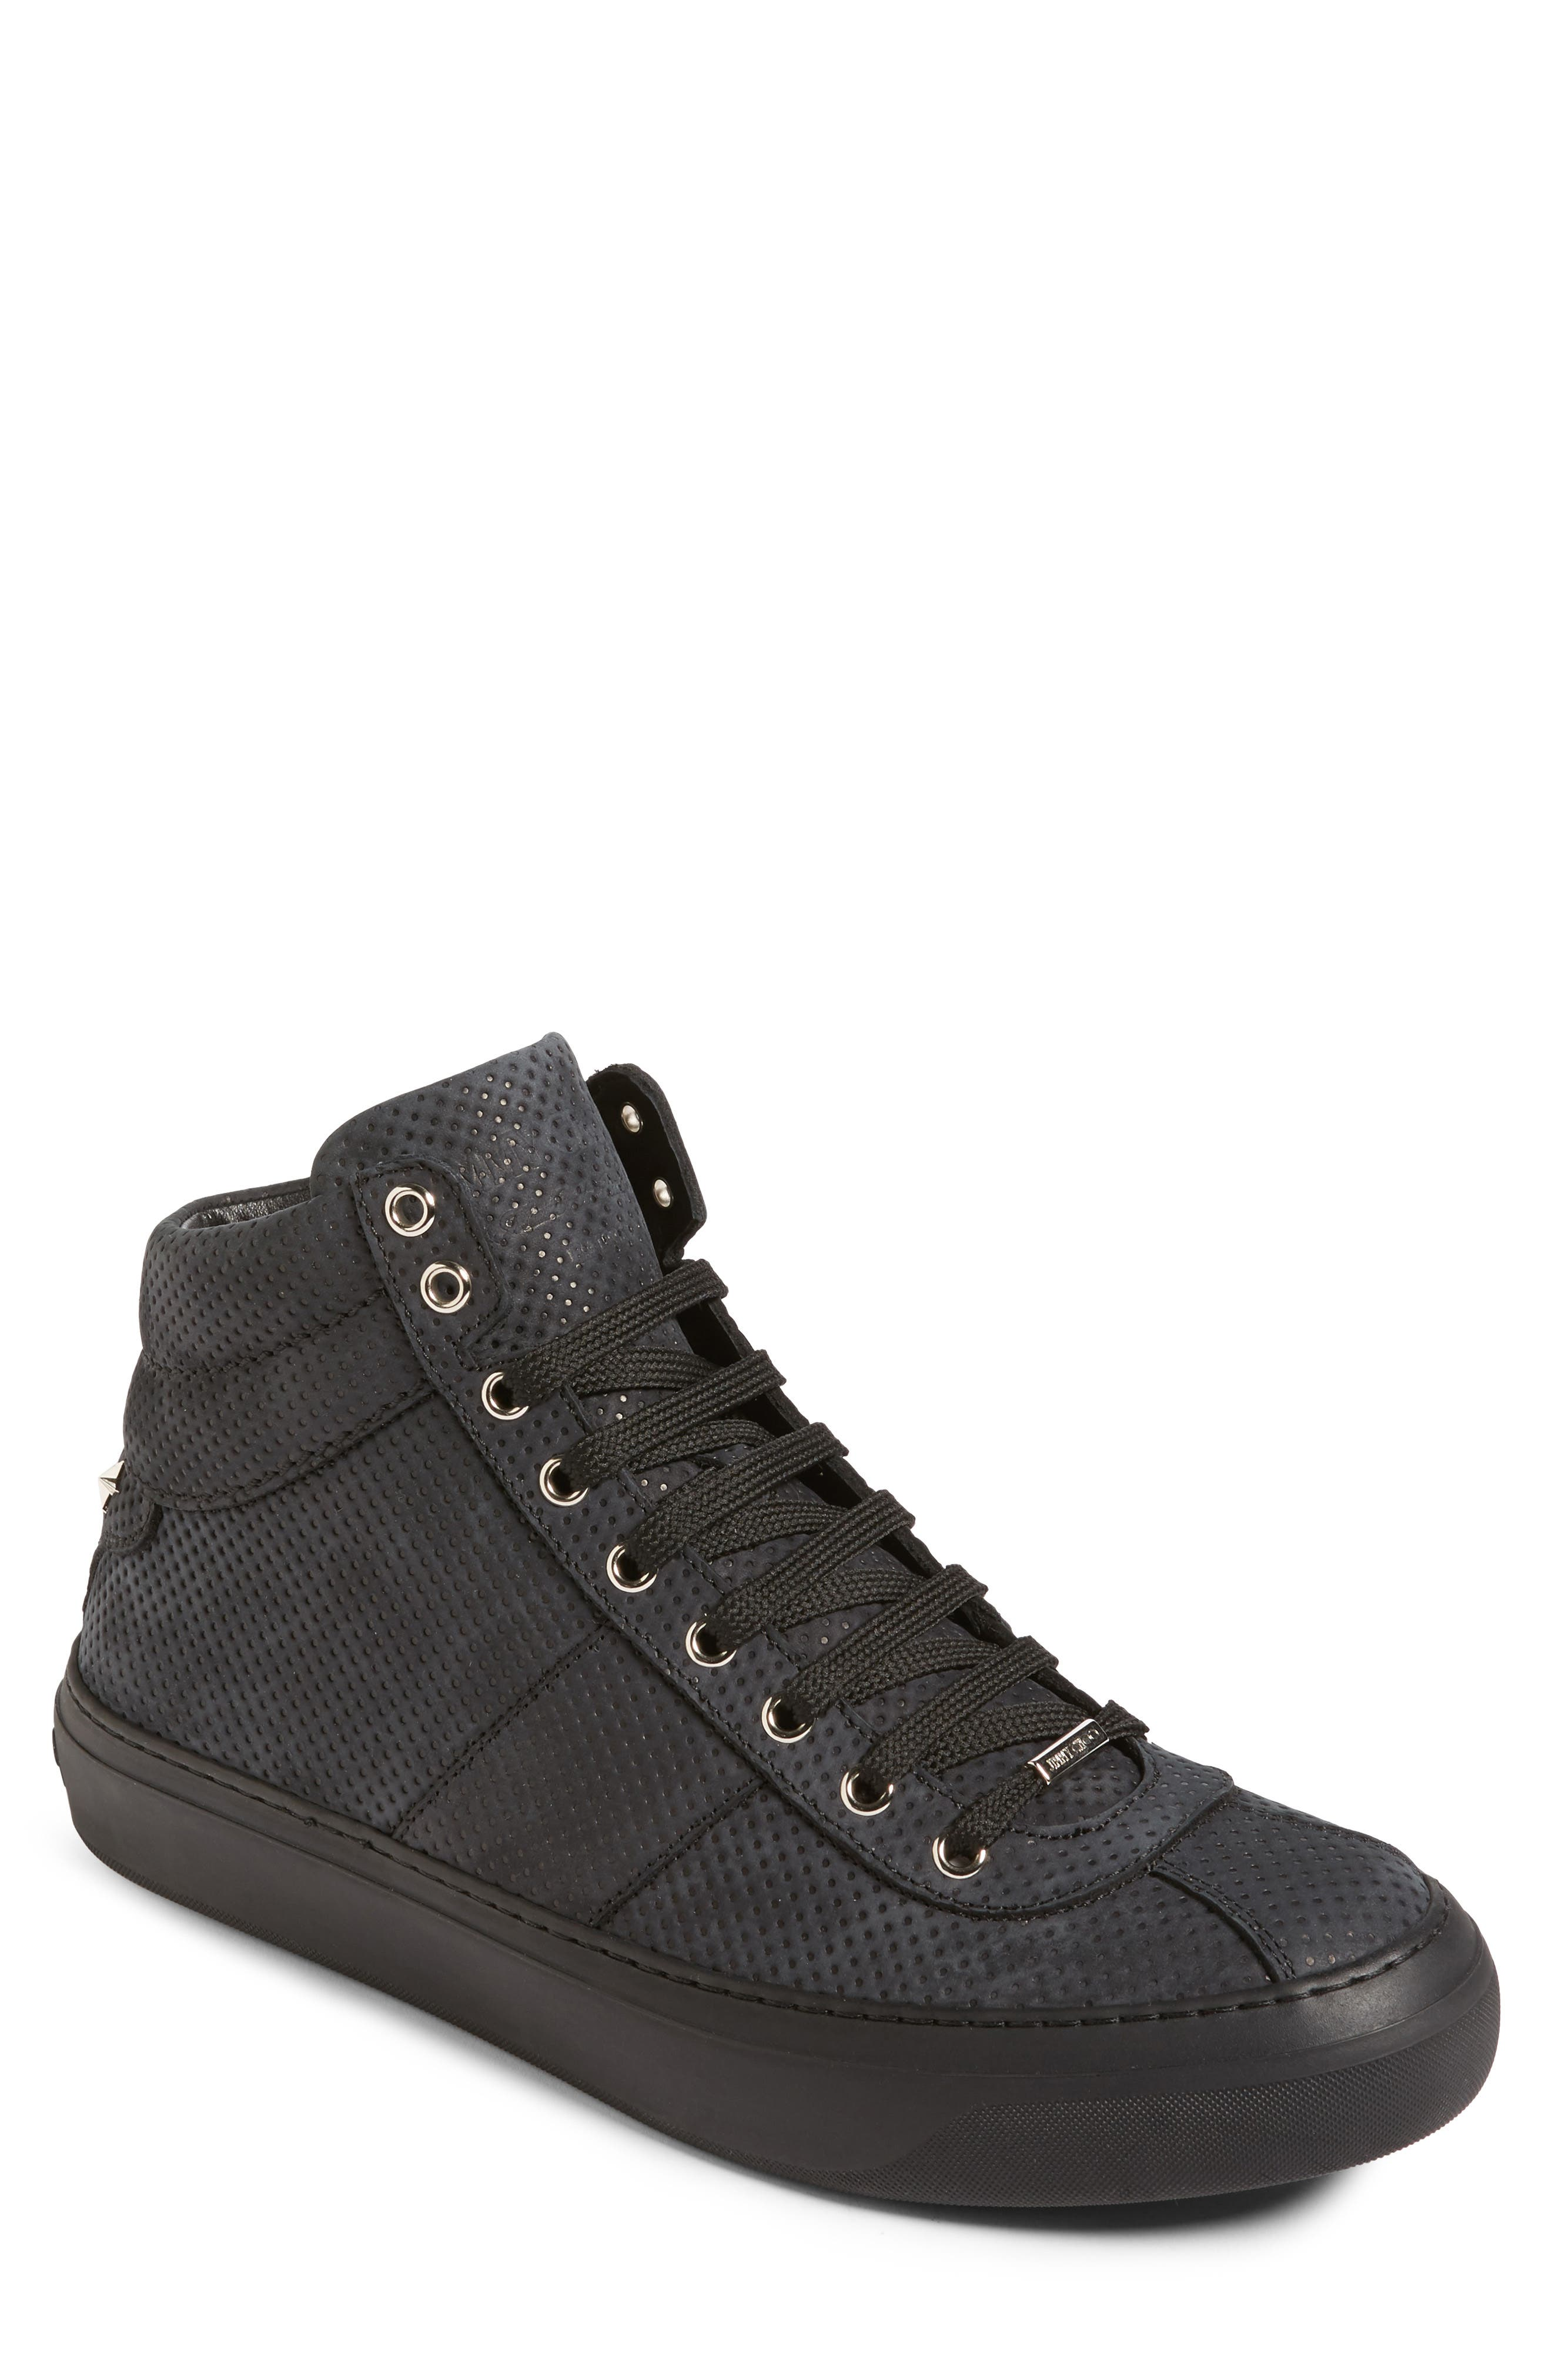 Belgravi Sneaker,                             Main thumbnail 1, color,                             Black/ Steel